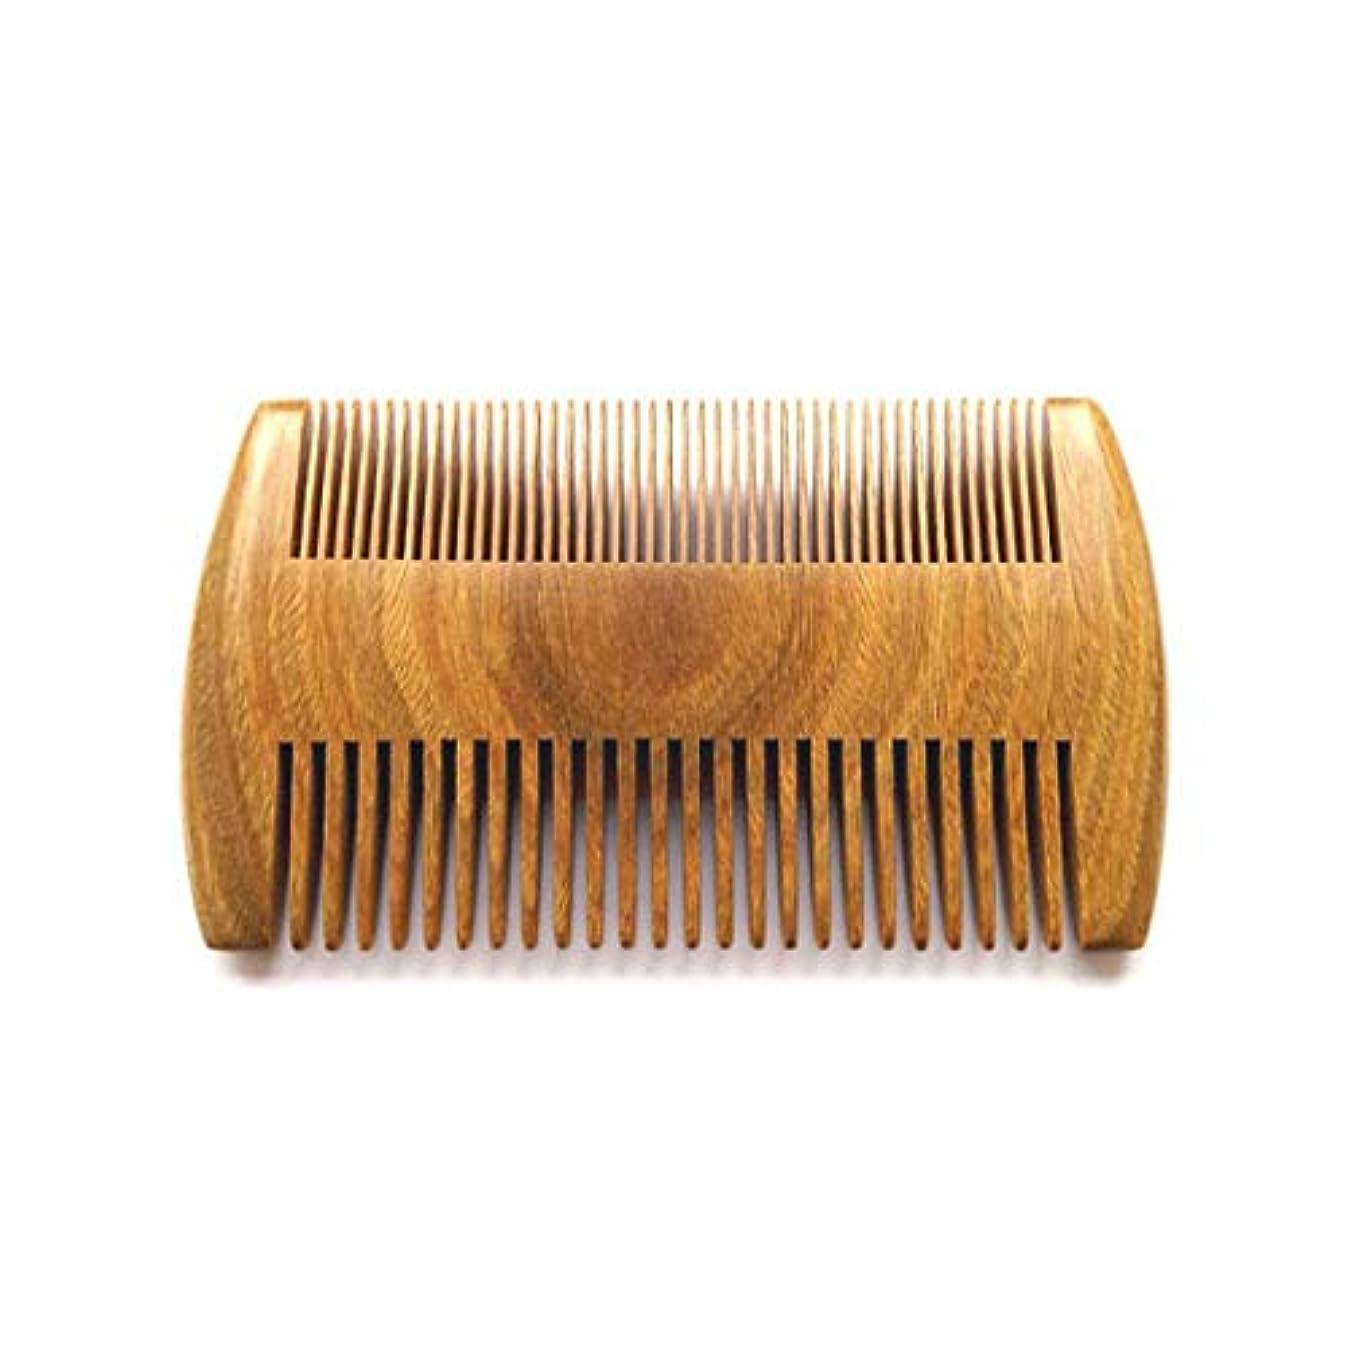 エイリアン継続中中断Guomao 健康な頭皮および毛のために非常に適したハンドメイドの自然な白檀の櫛 (色 : Wood color)